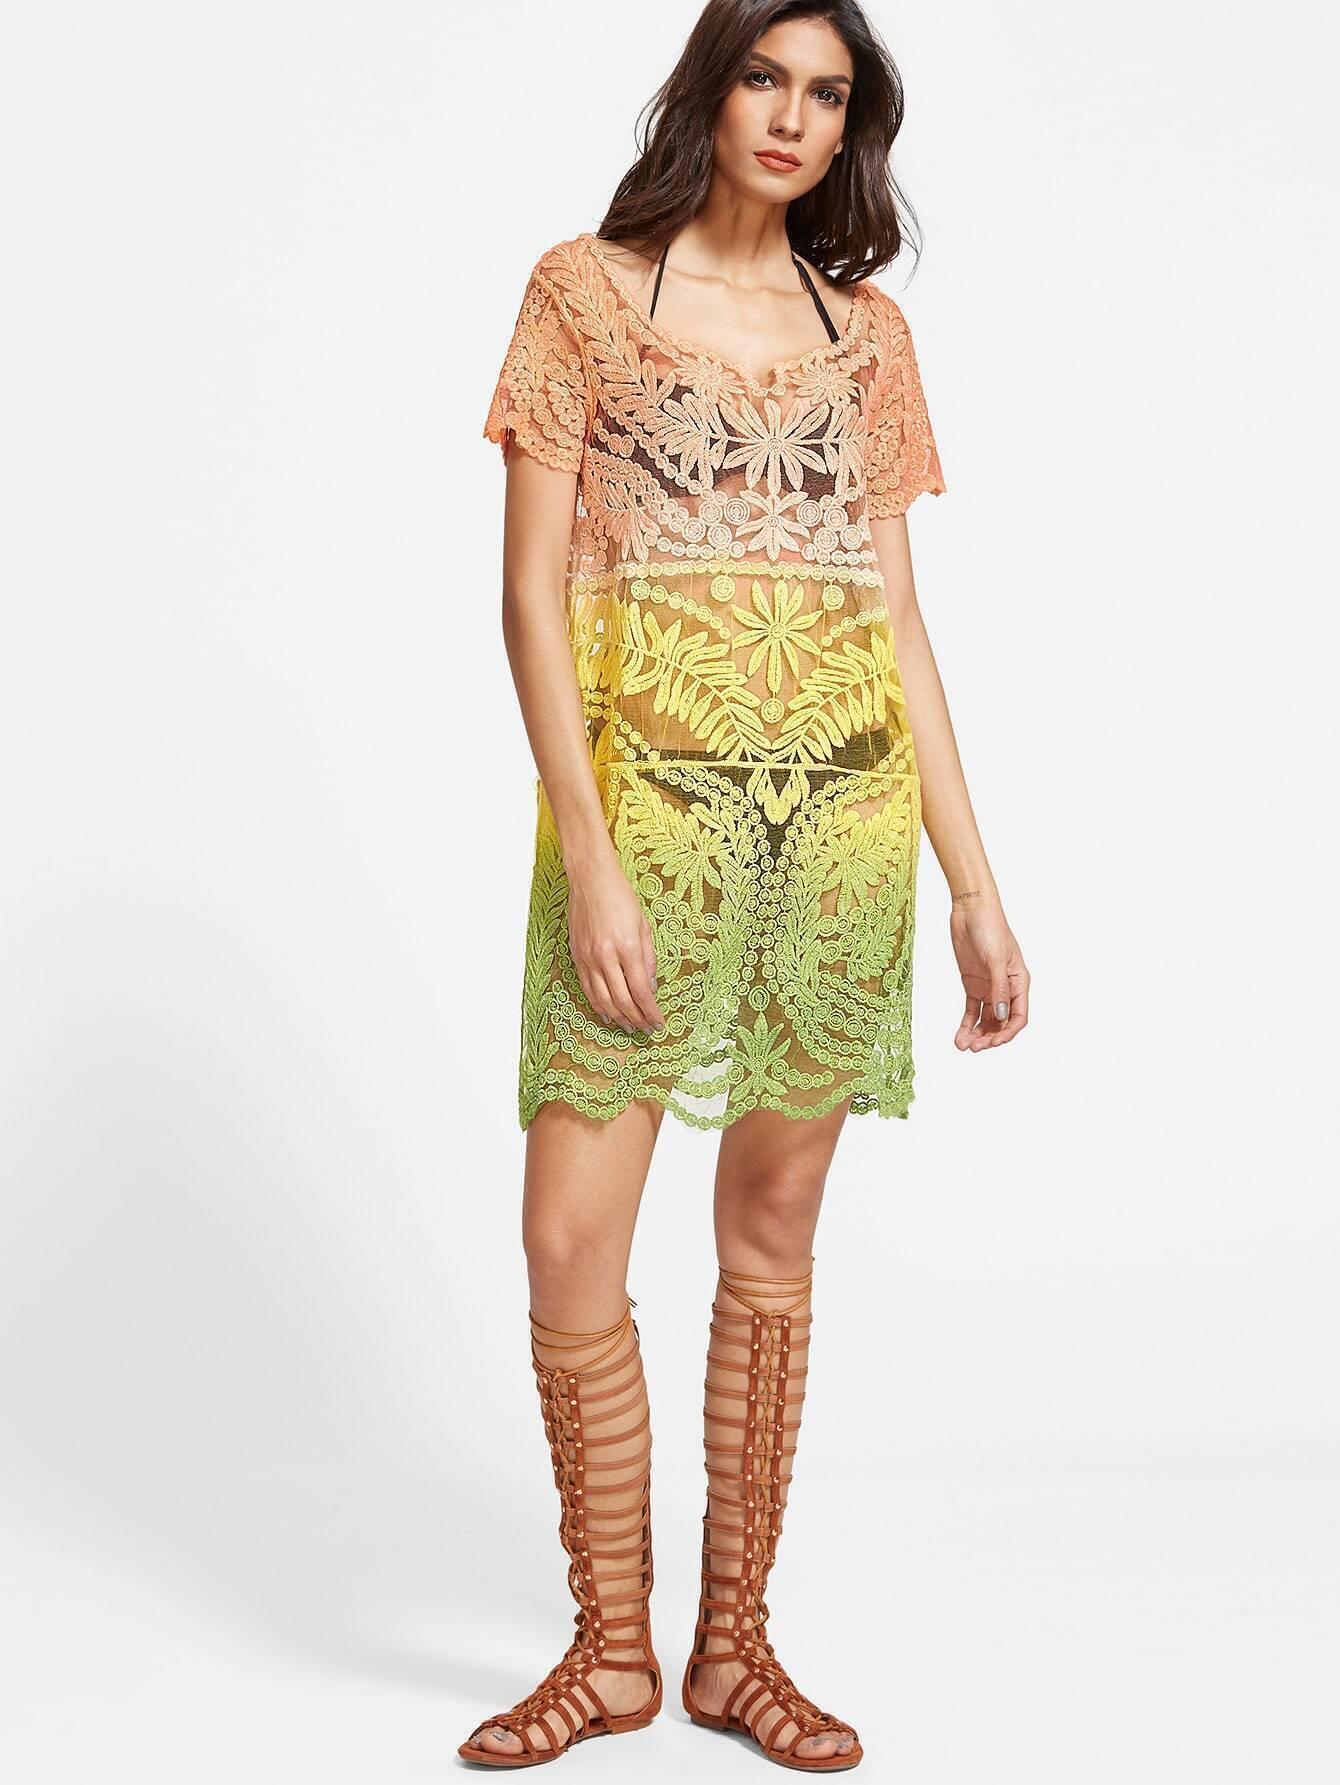 australian wholesale fashion clothing